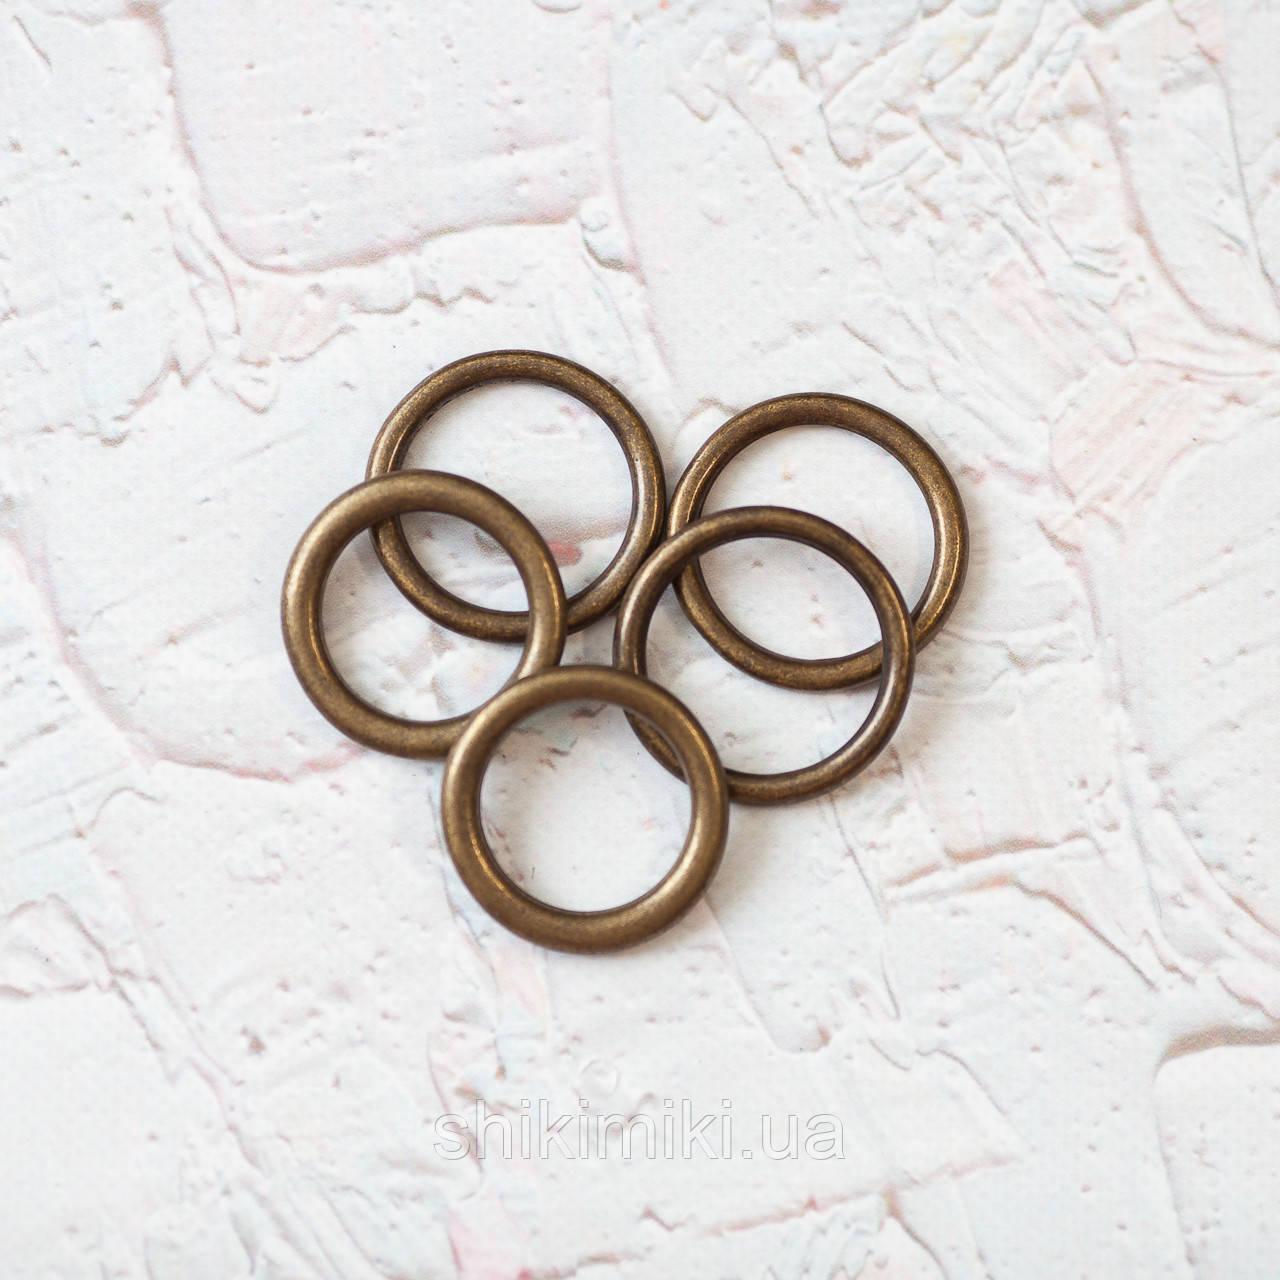 Кольца соединительные KL30-4 (30 мм), цвет антик